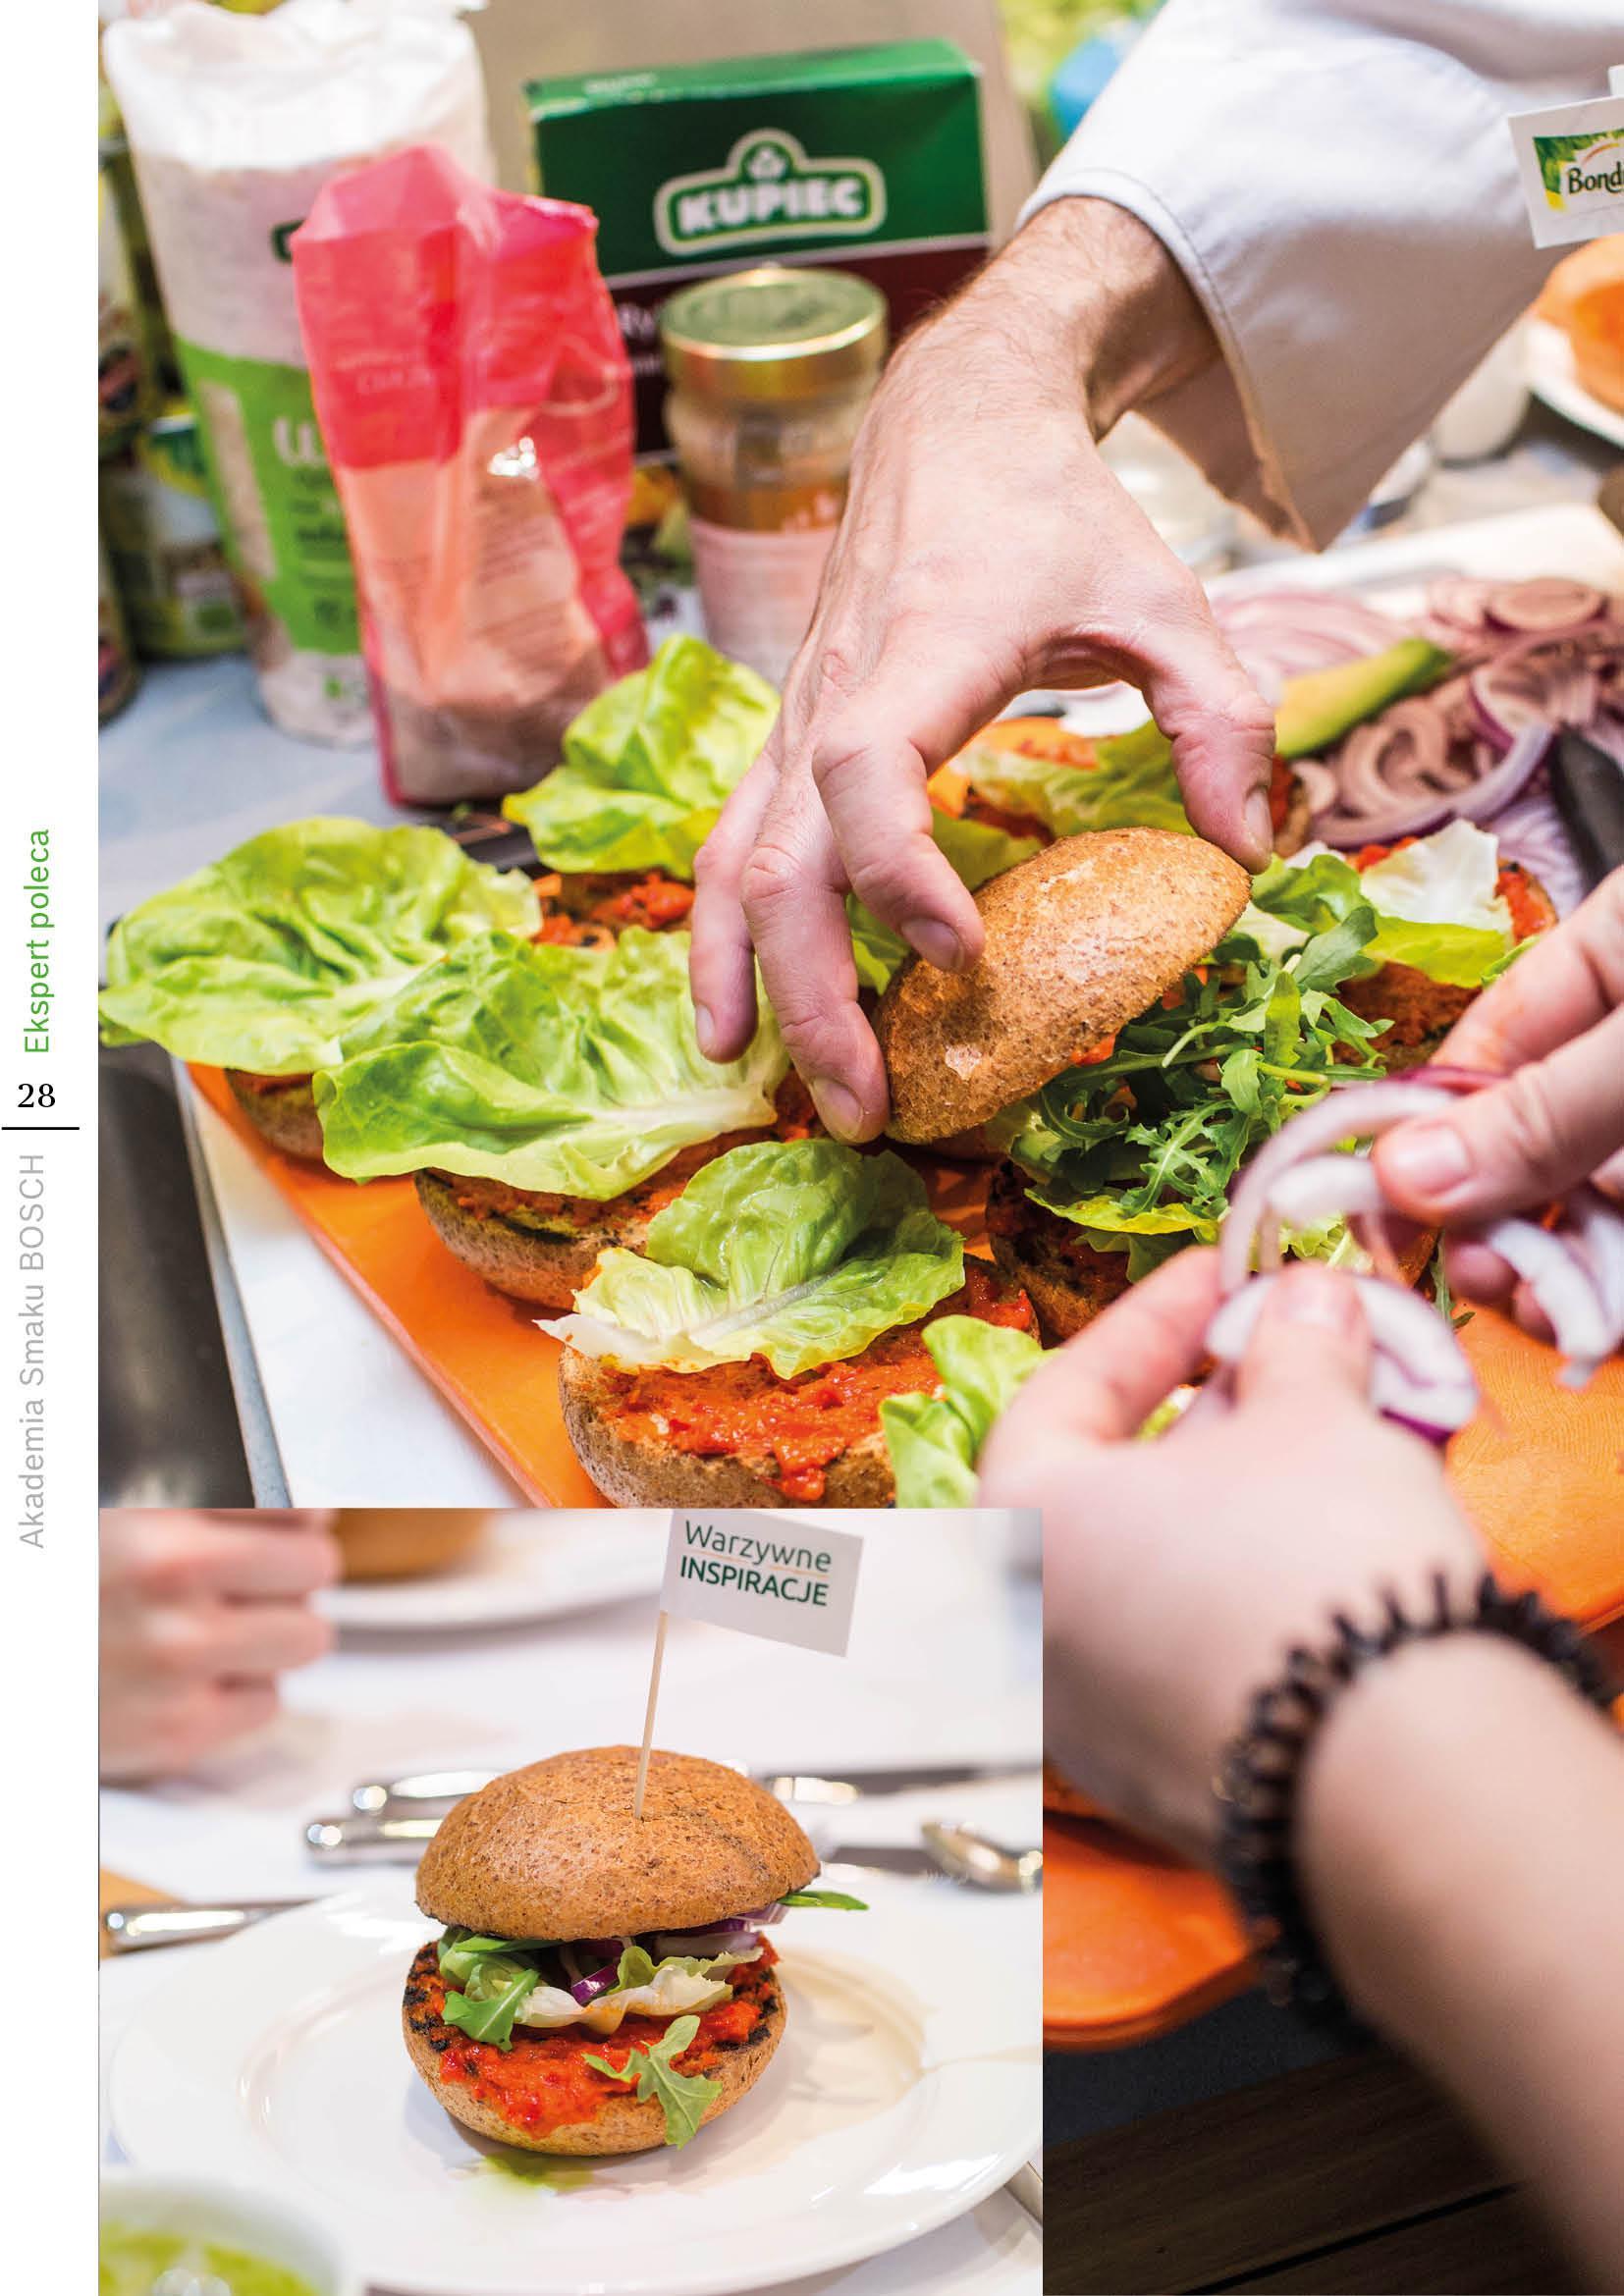 Kuchnia w parze ze zdrowiem - Strona 28